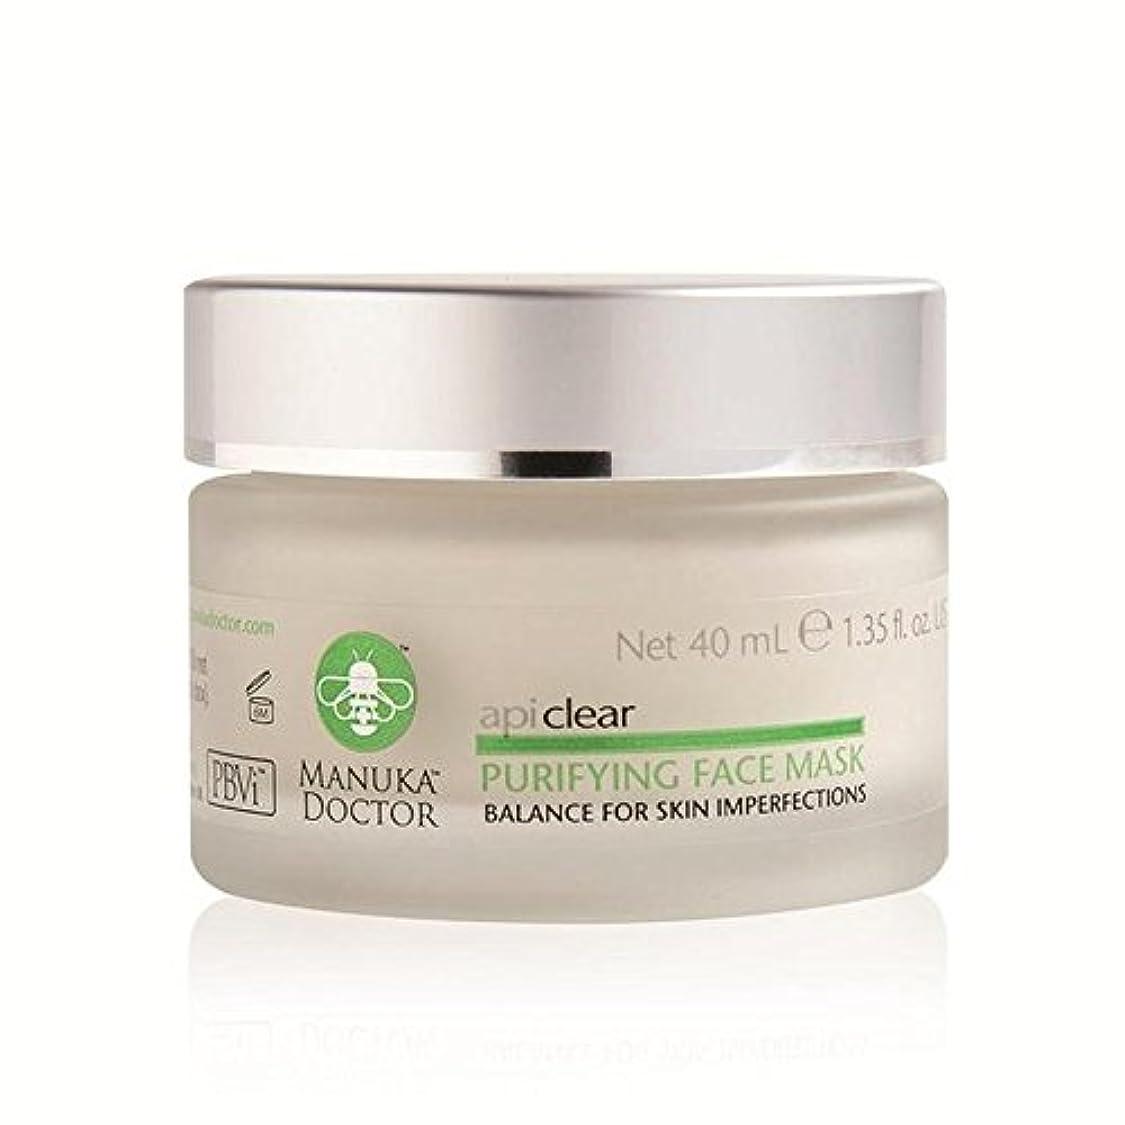 計り知れないナサニエル区安西Manuka Doctor Api Clear Purifying Face Mask 40ml - マヌカドクター明確な浄化フェイスマスク40ミリリットル [並行輸入品]